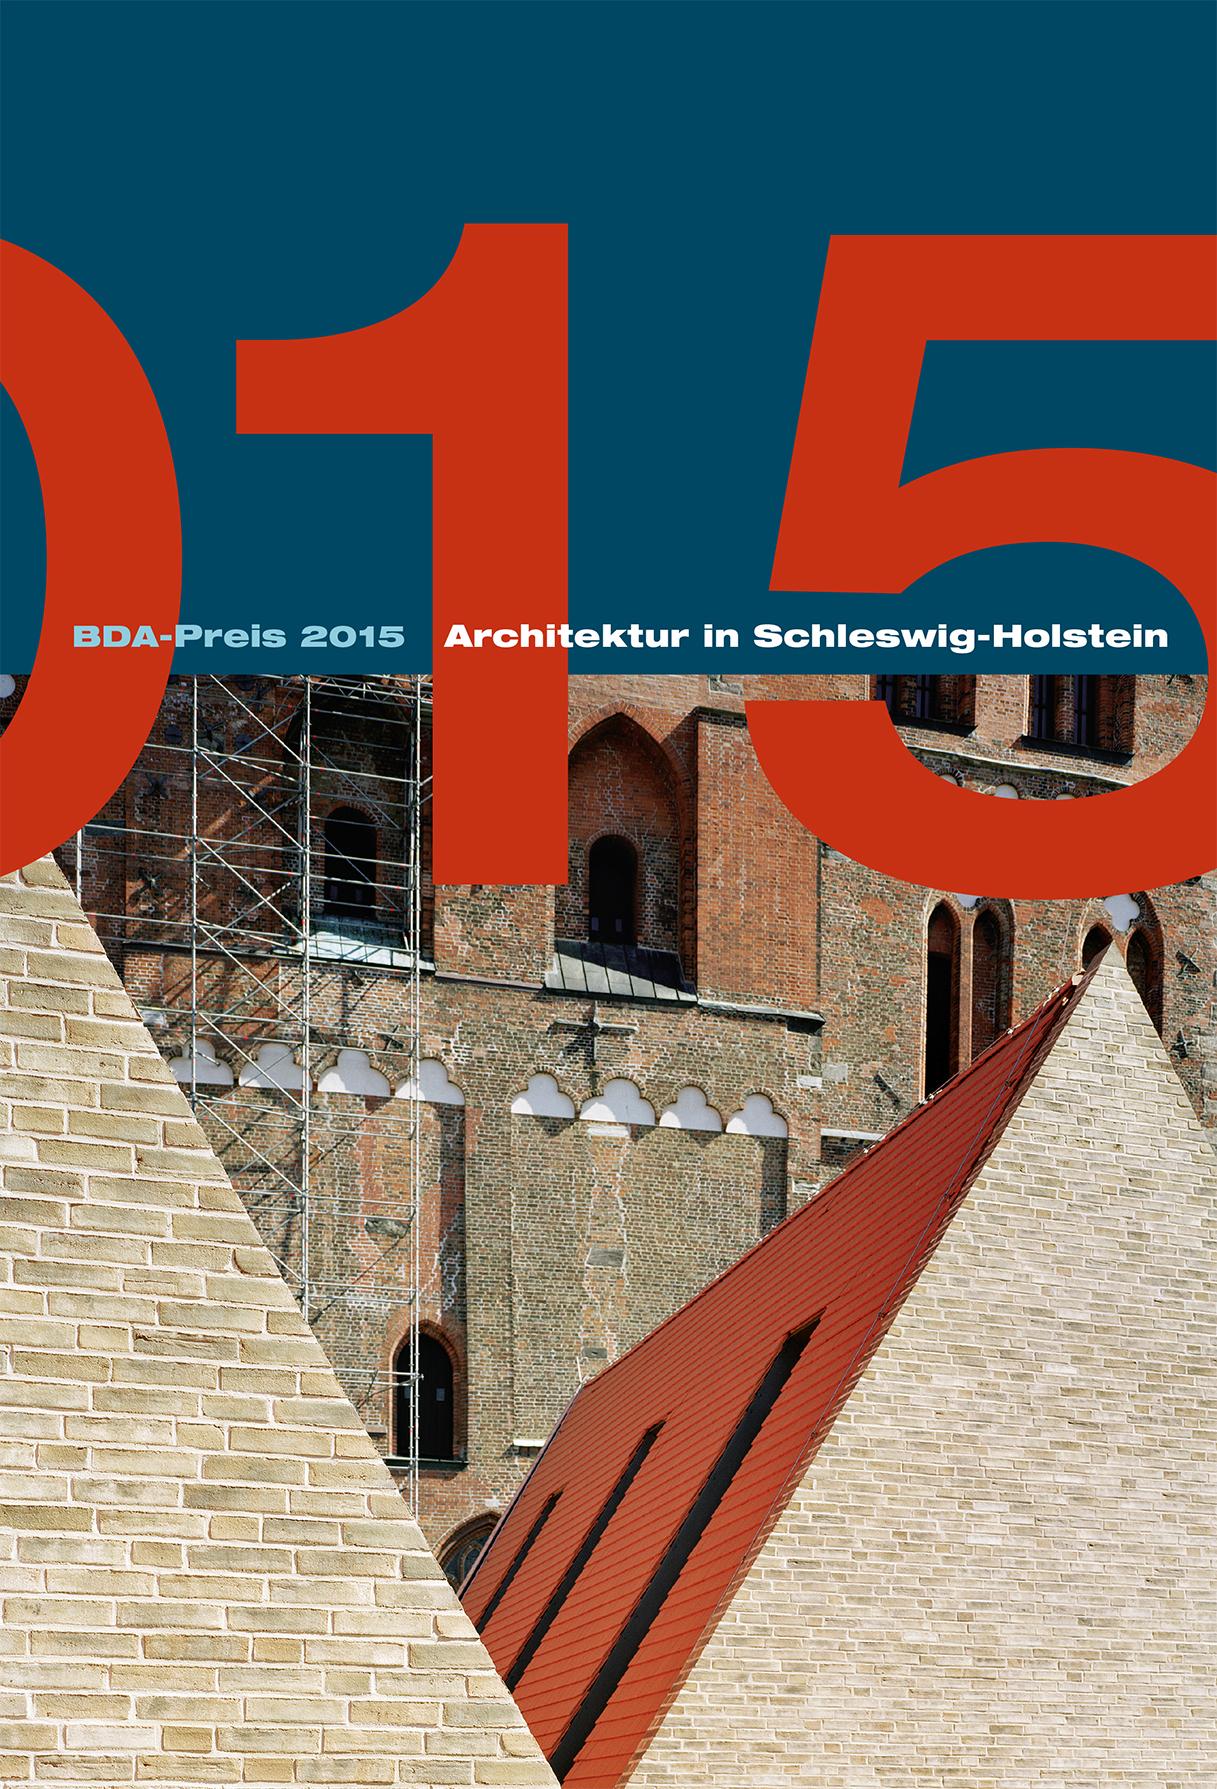 Architektur in Schleswig-Holstein: BDA-Preis 2015